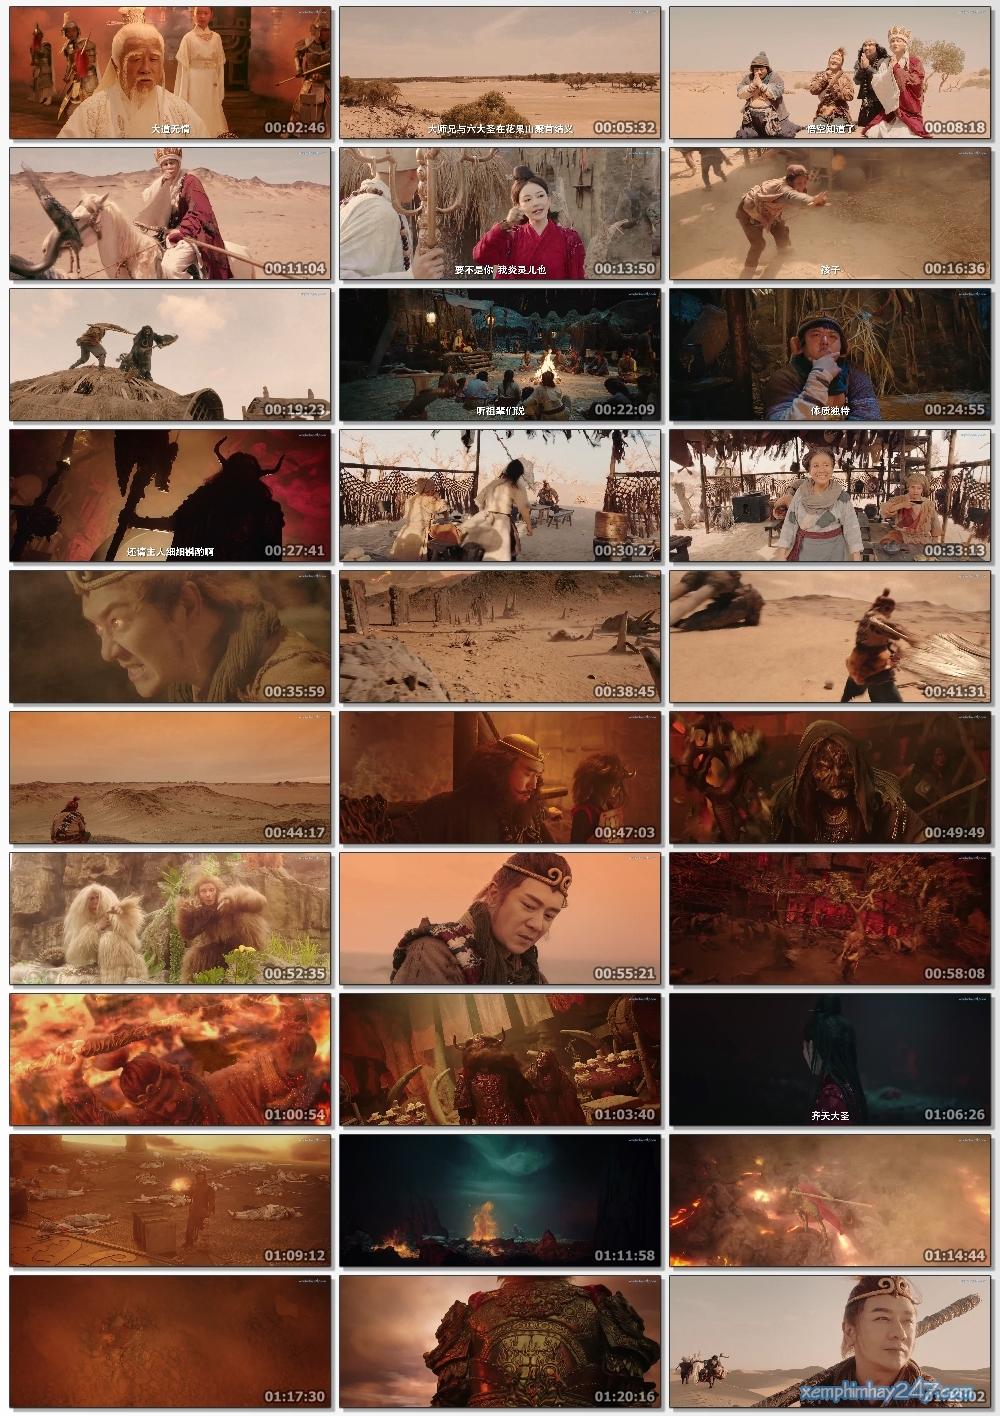 http://xemphimhay247.com - Xem phim hay 247 - Tề Thiên Đại Thánh 2: Hỏa Diệm Sơn (2019) - Monkey King: The Volcano (2019)